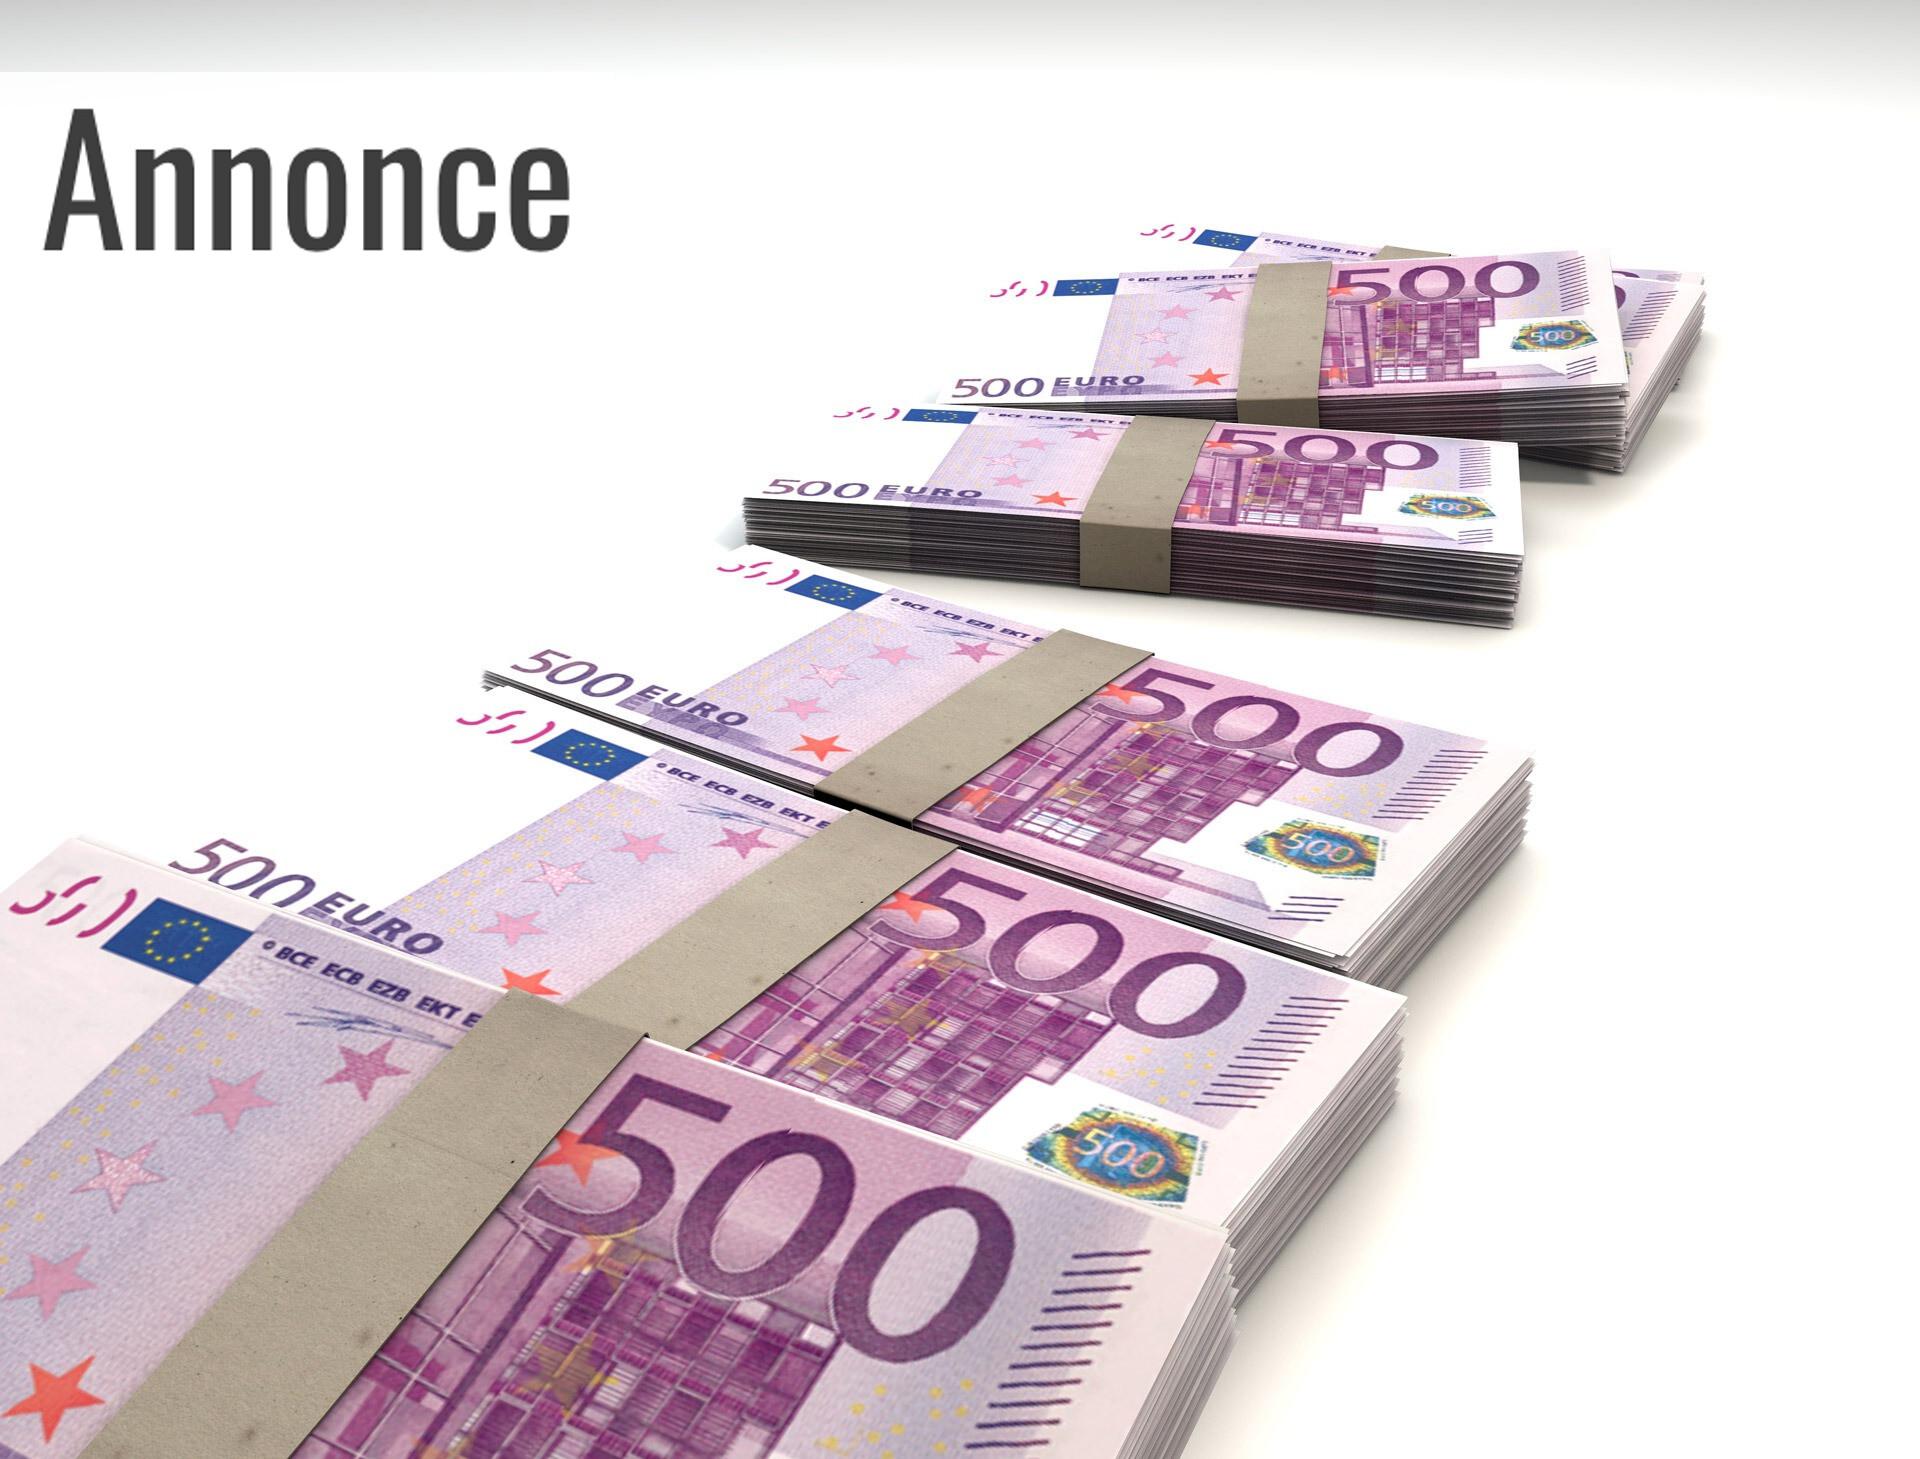 Hvis man bruger pengene rigtigt, kan de gøre dig mere lykkelig